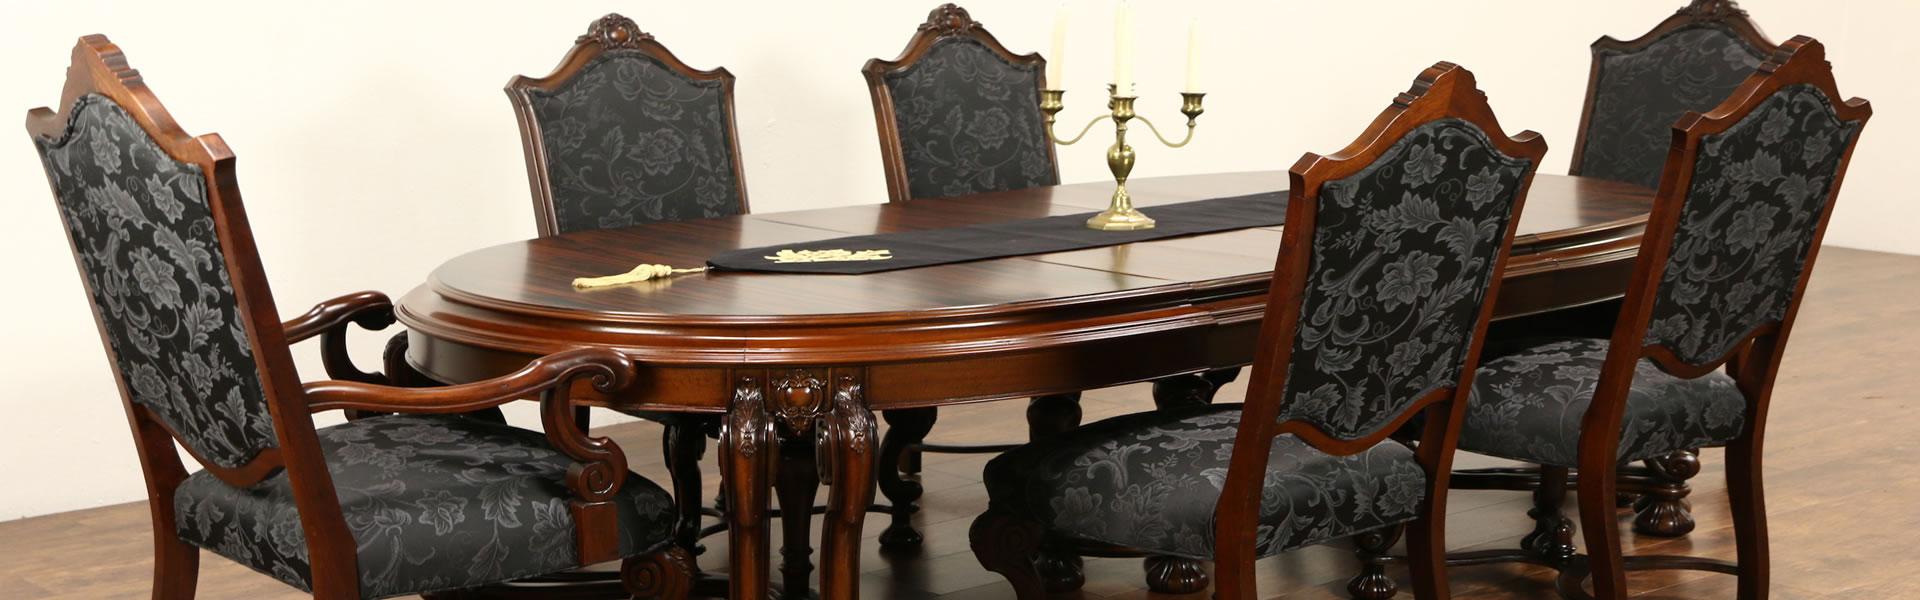 Warrawee Furniture Repair & Restoration